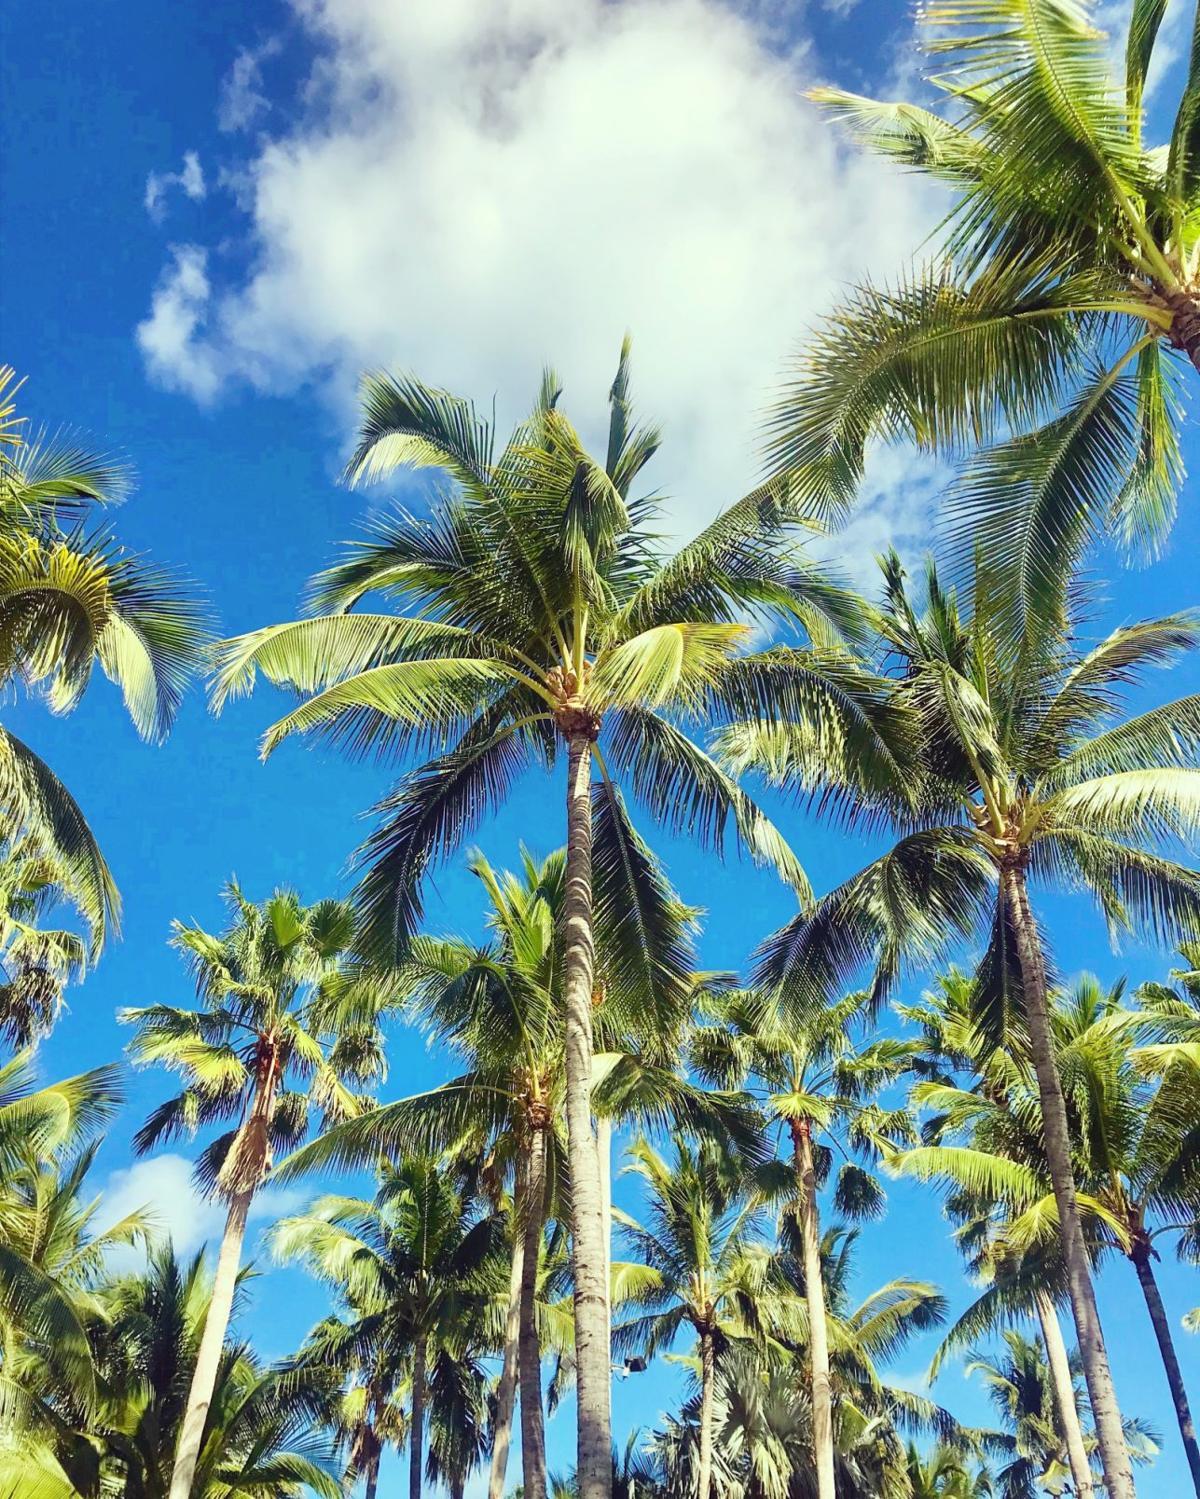 Bahamian Trees